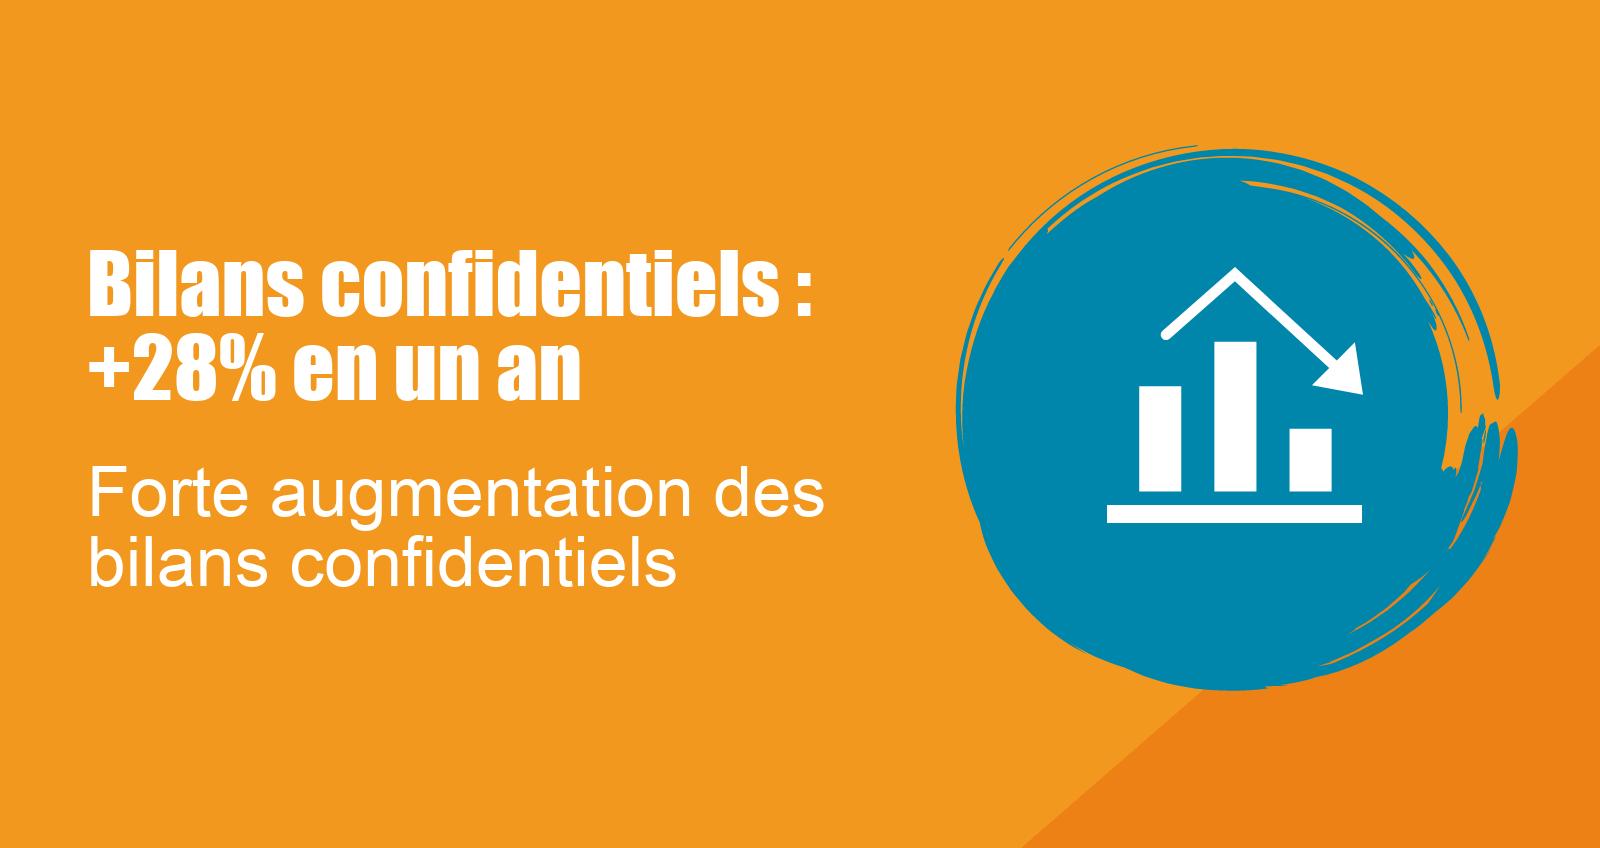 Bilans confidentiels : augmentation forte du nombre de bilans confidentiels en 2017